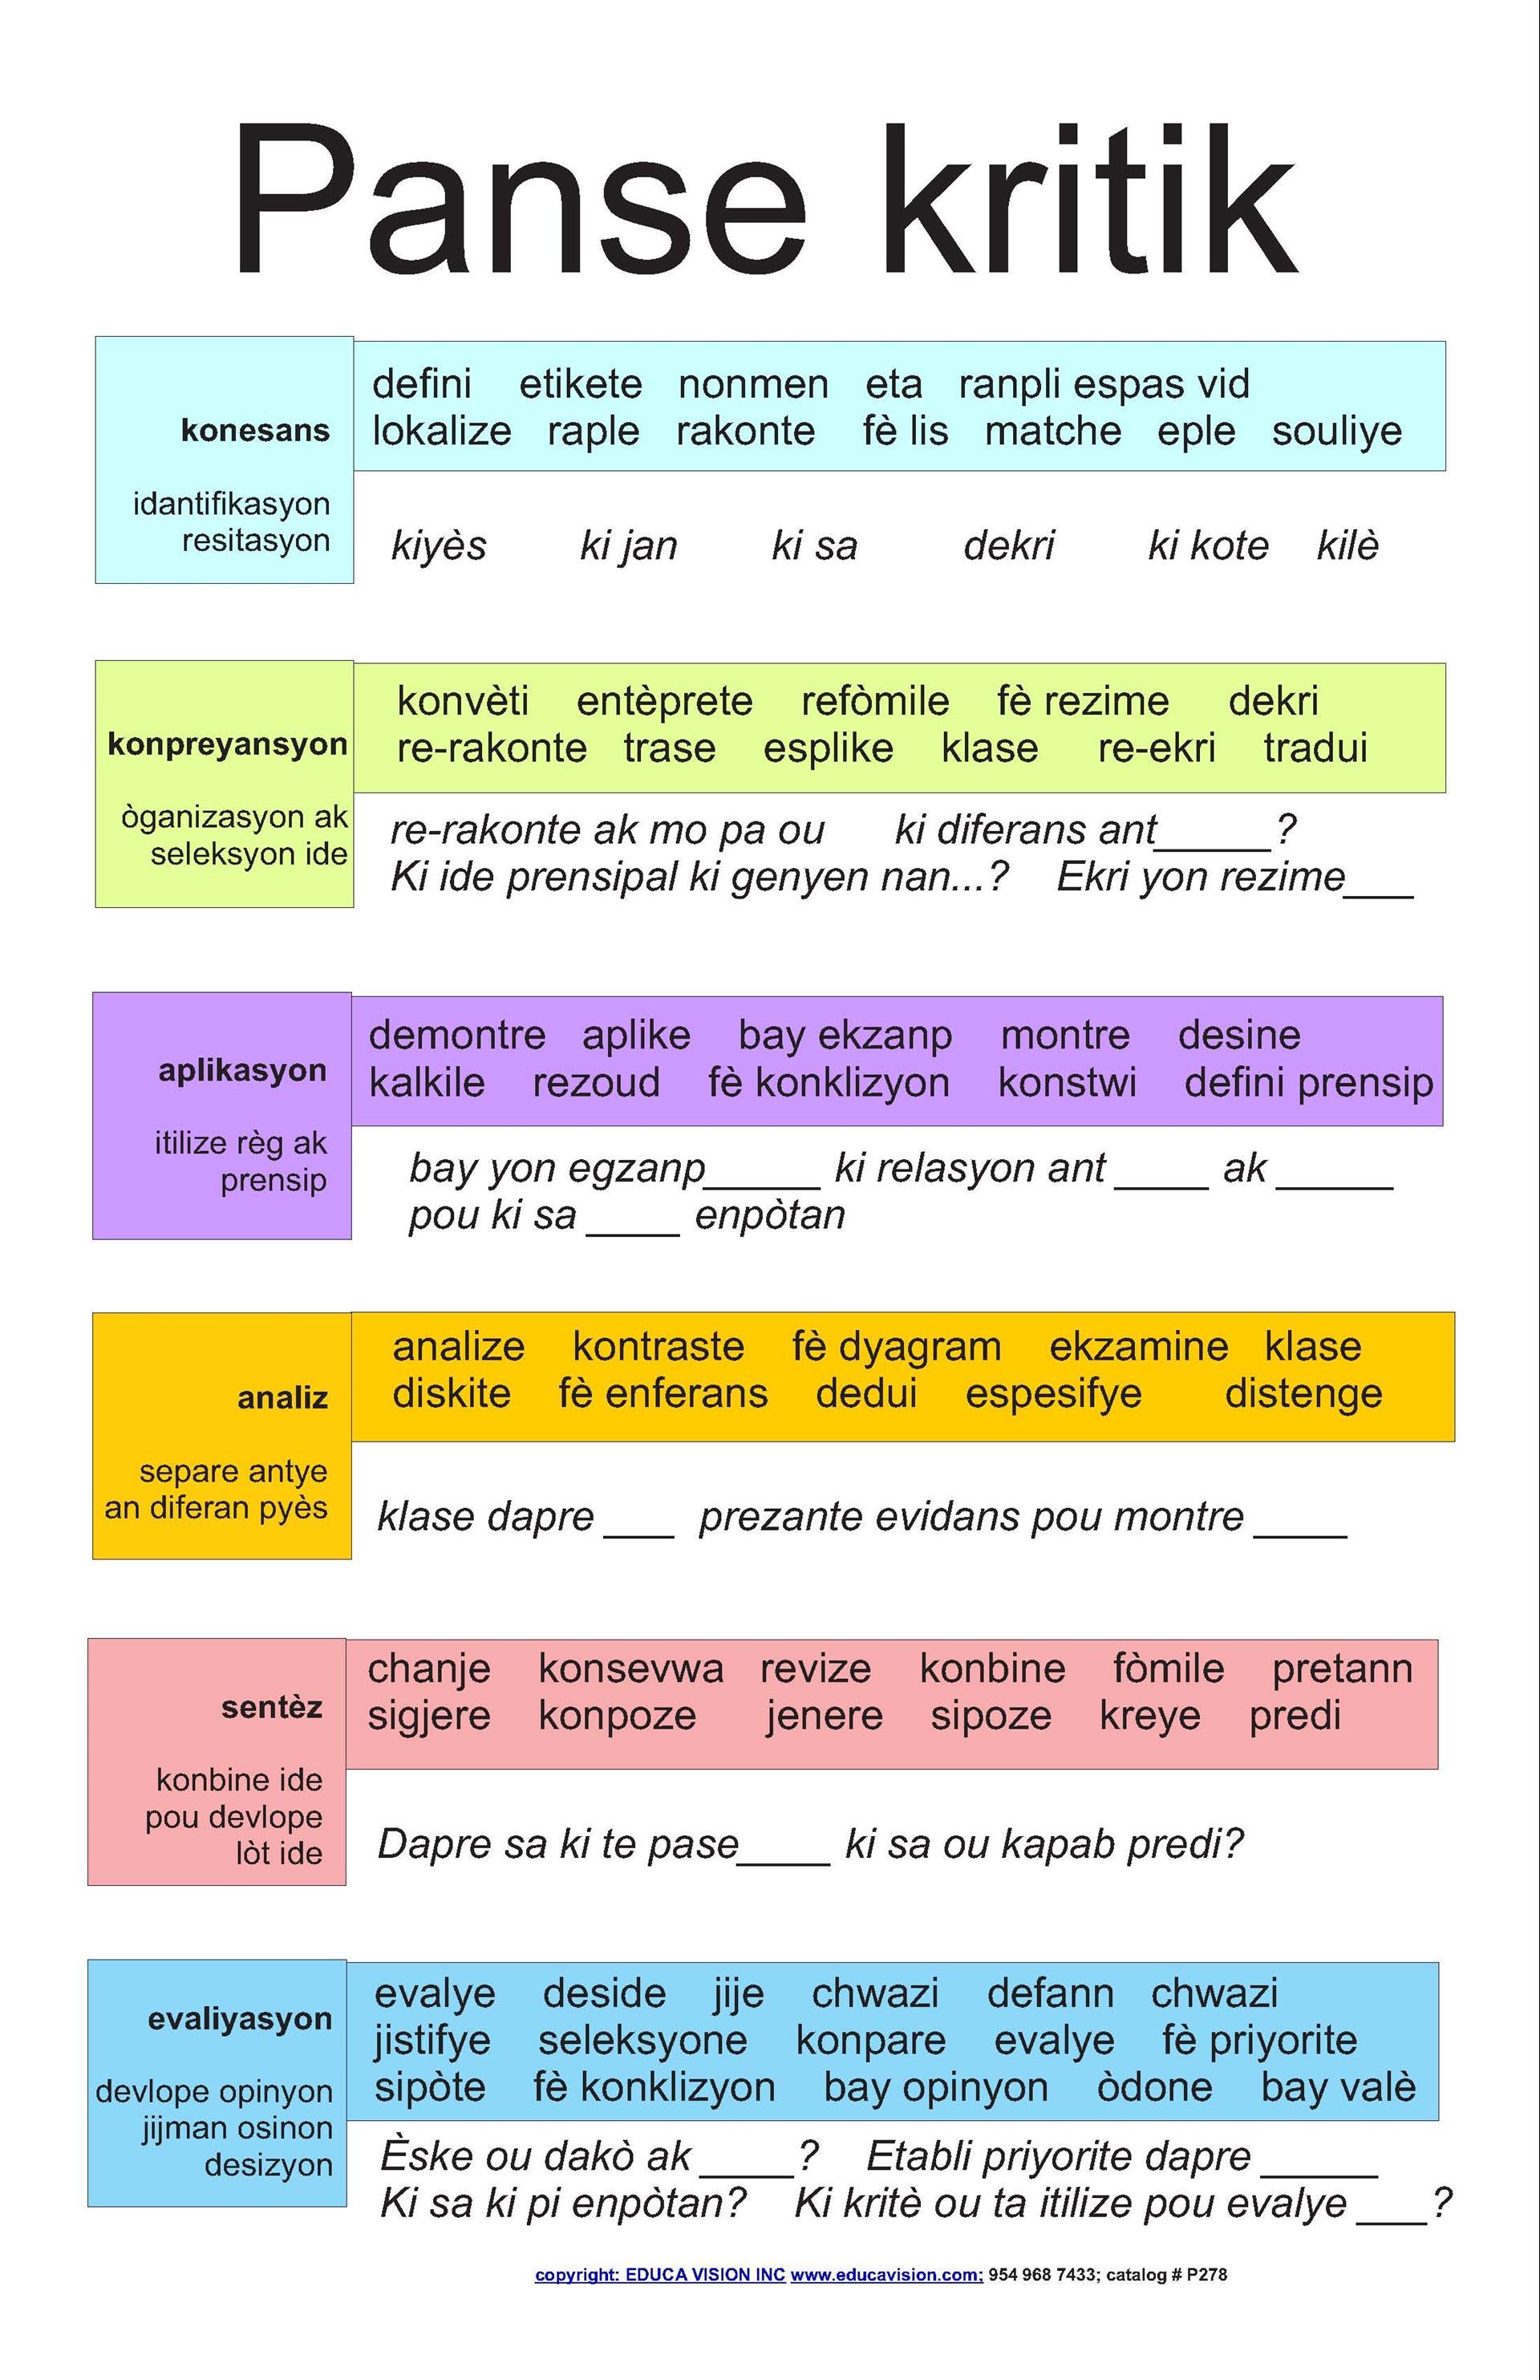 Chart Panse Kritik